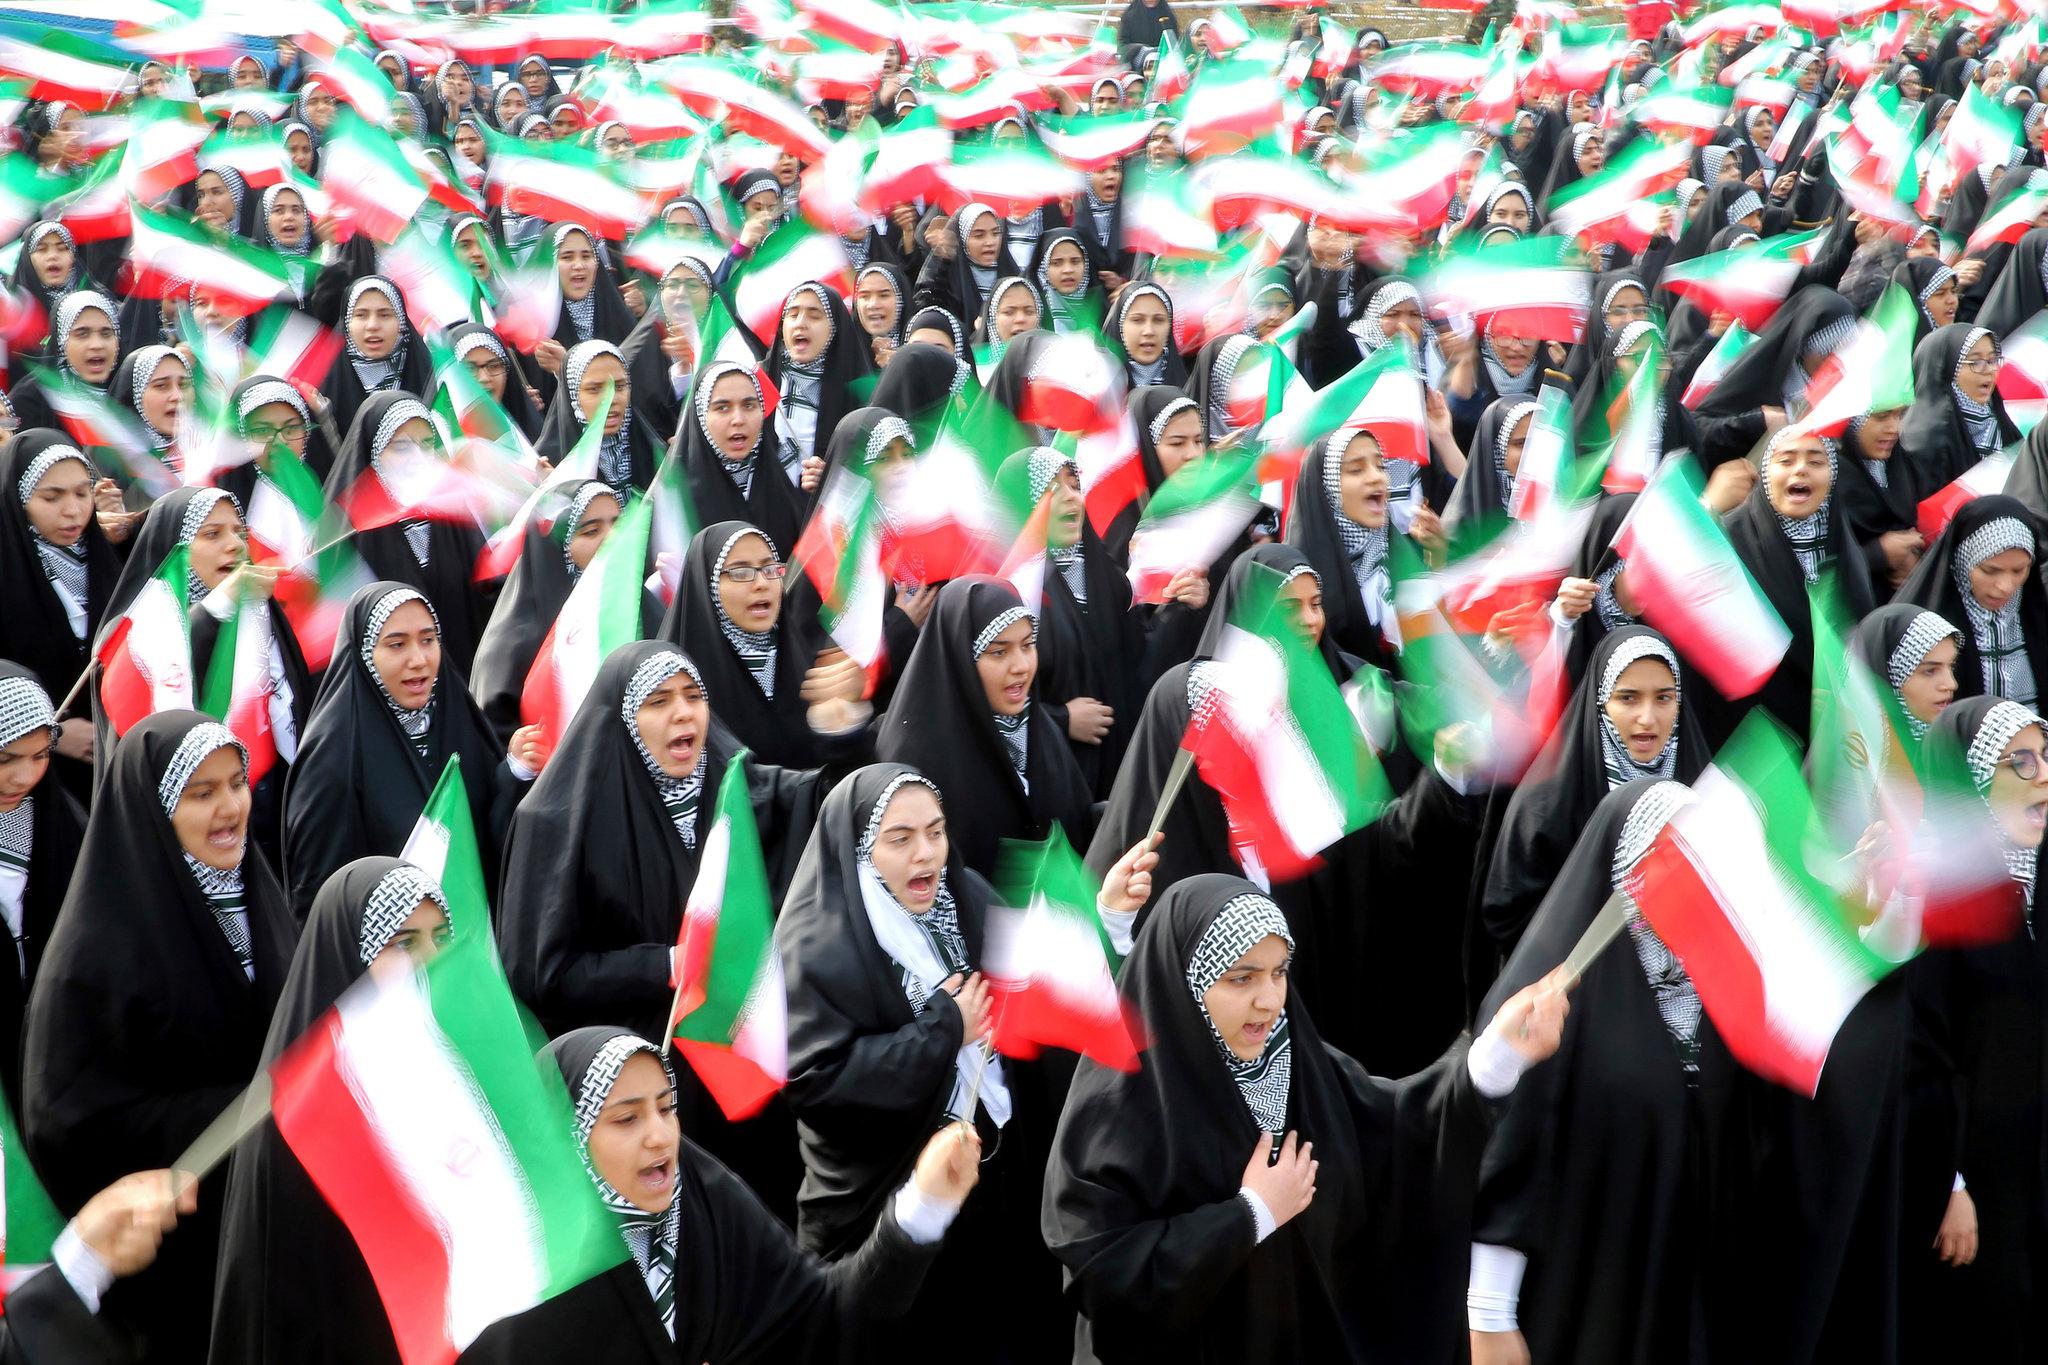 ปีที่40 ชัยชนะการปฏิวัติอิสลามแห่งอิหร่าน : อุดมการณ์กับการยืนหยัดและการท้าทาย